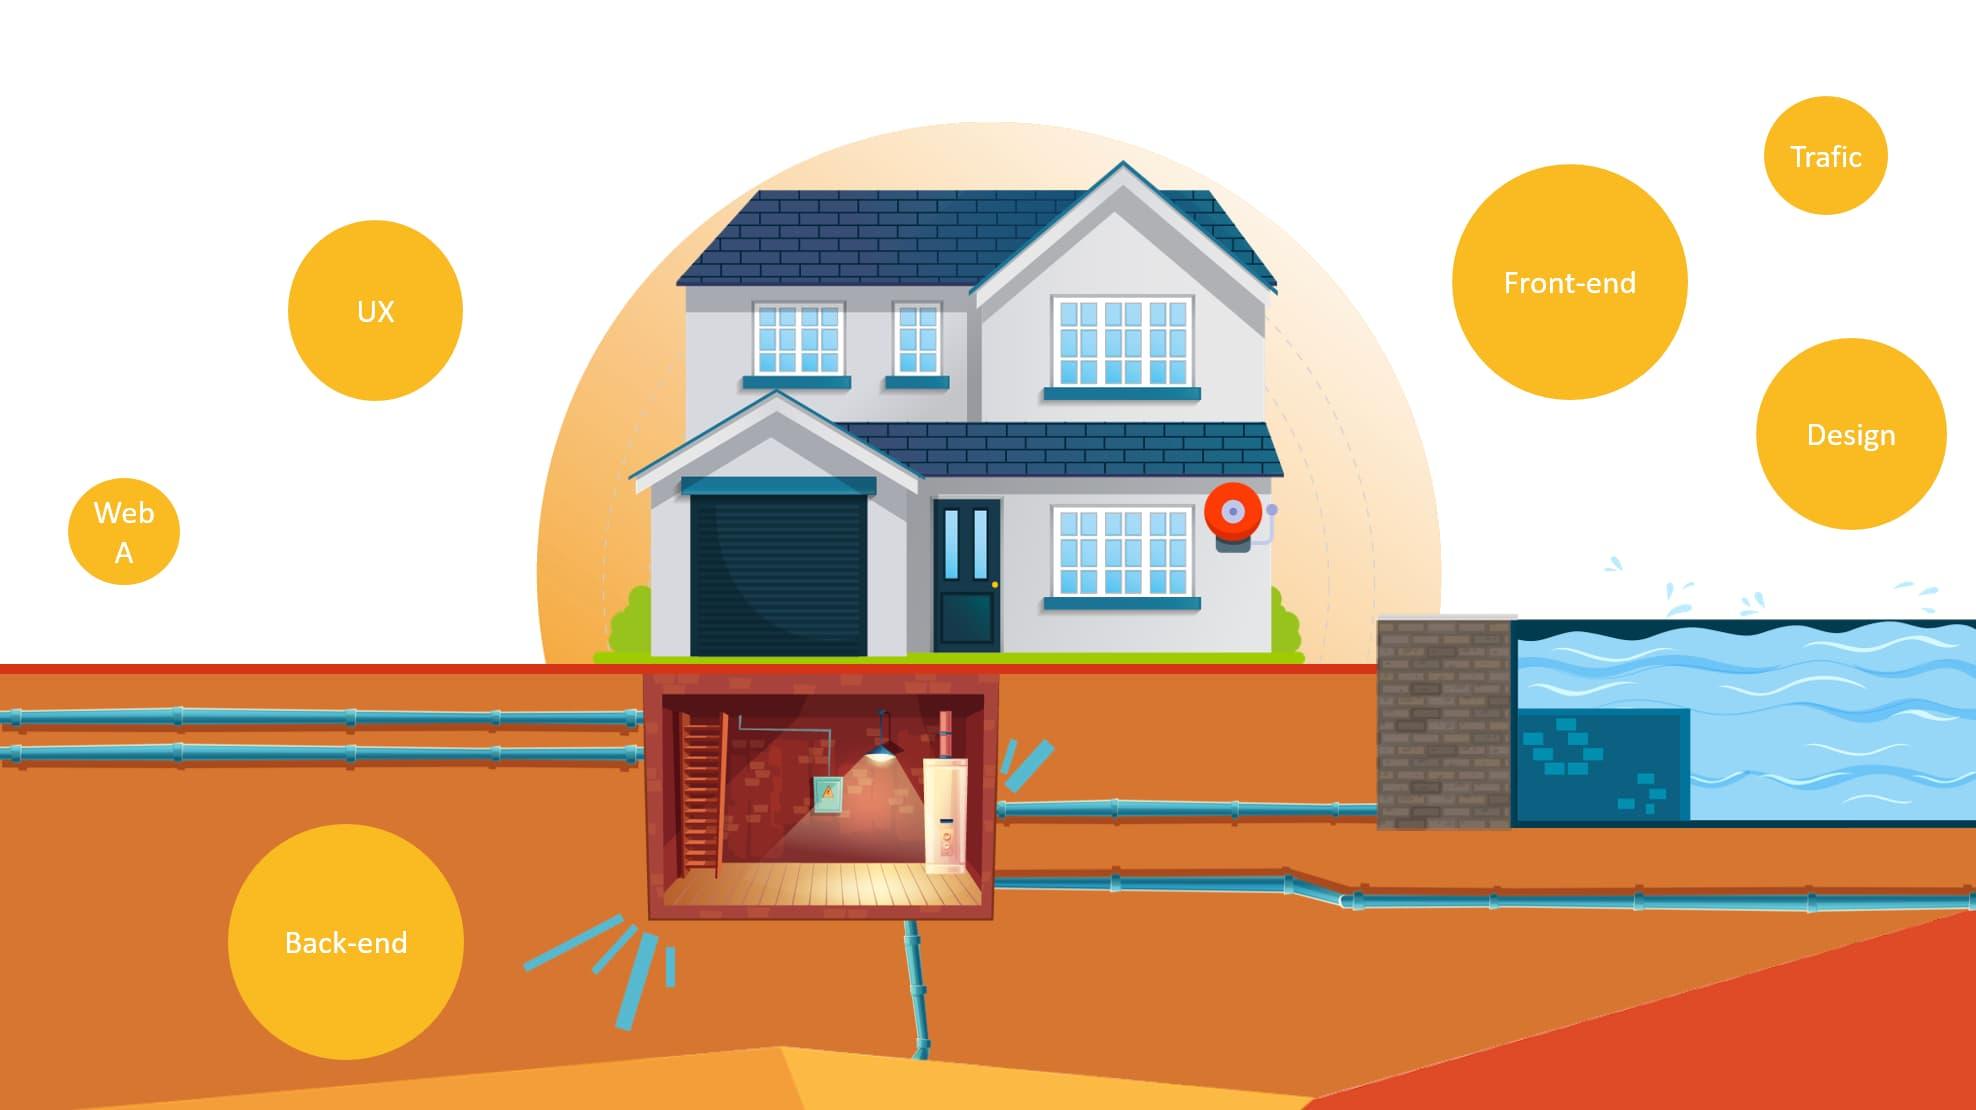 métaphore des ressources d'une maison